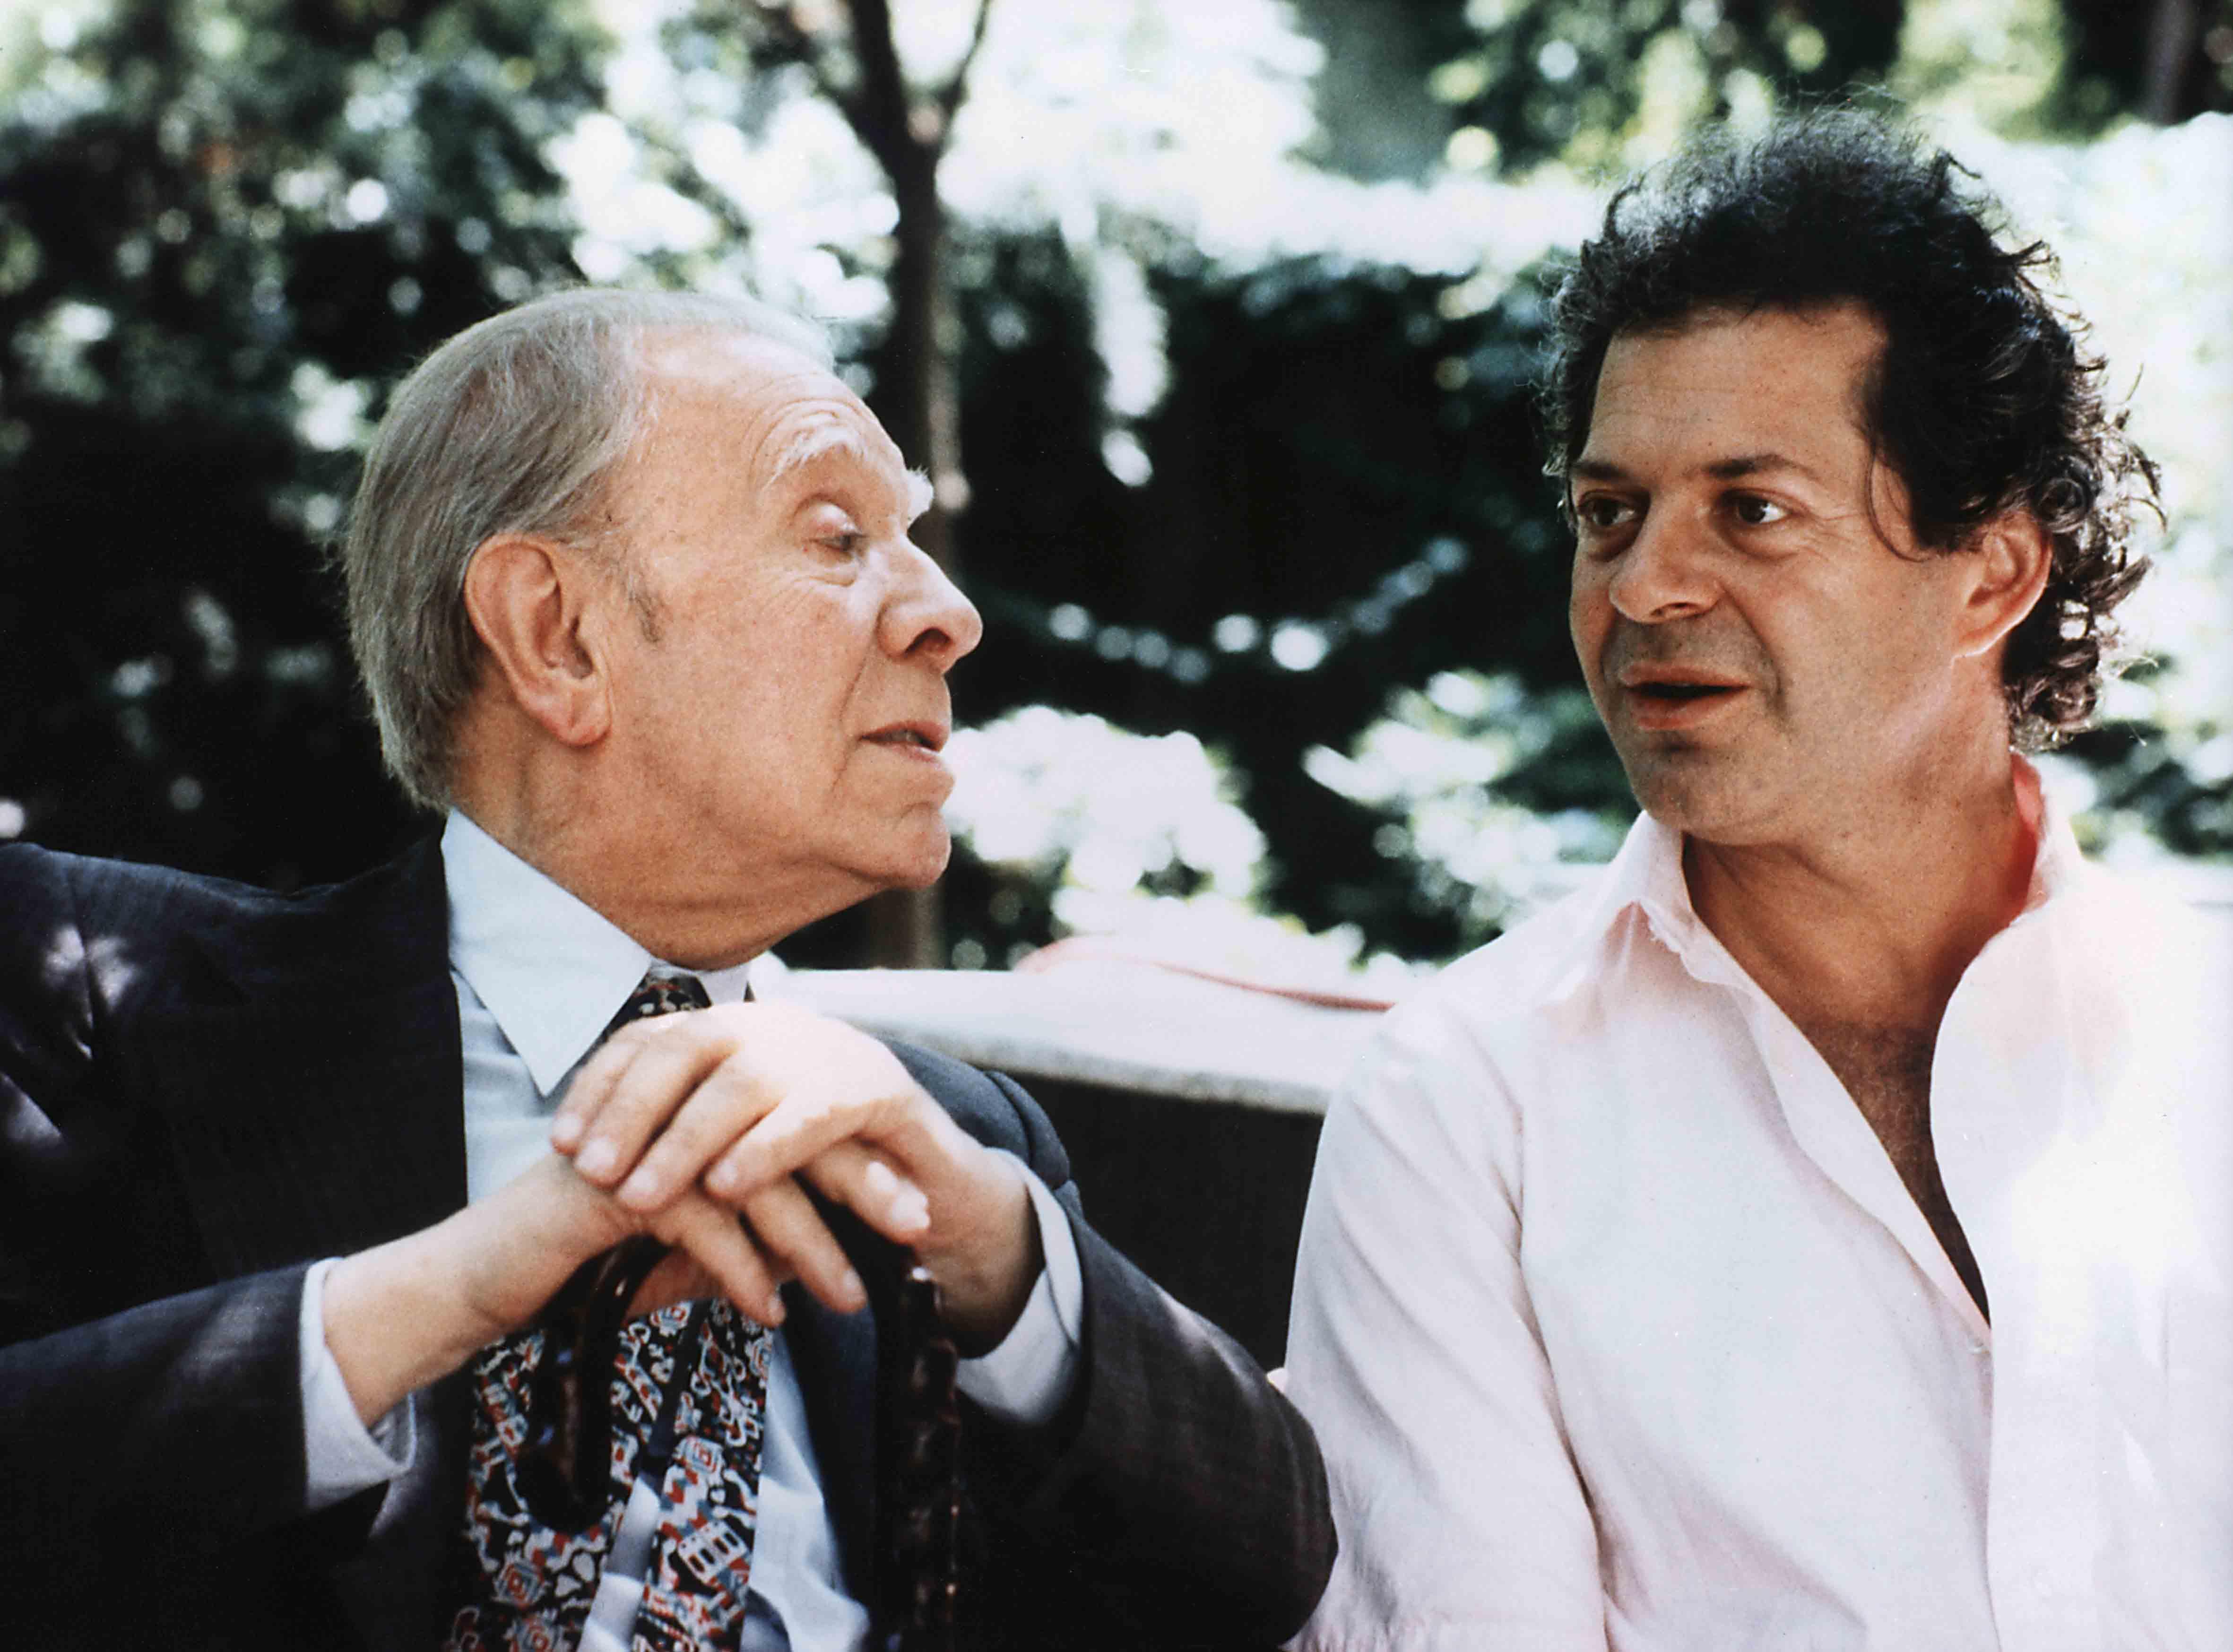 Il labirinto più grande del mondo nasce da una promessa fatta nel 1977 da Franco Maria Ricci (a destra nella foto) allo scrittore argentino Jorge Luis Borges, affascinato da sempre dal simbolo del labirinto